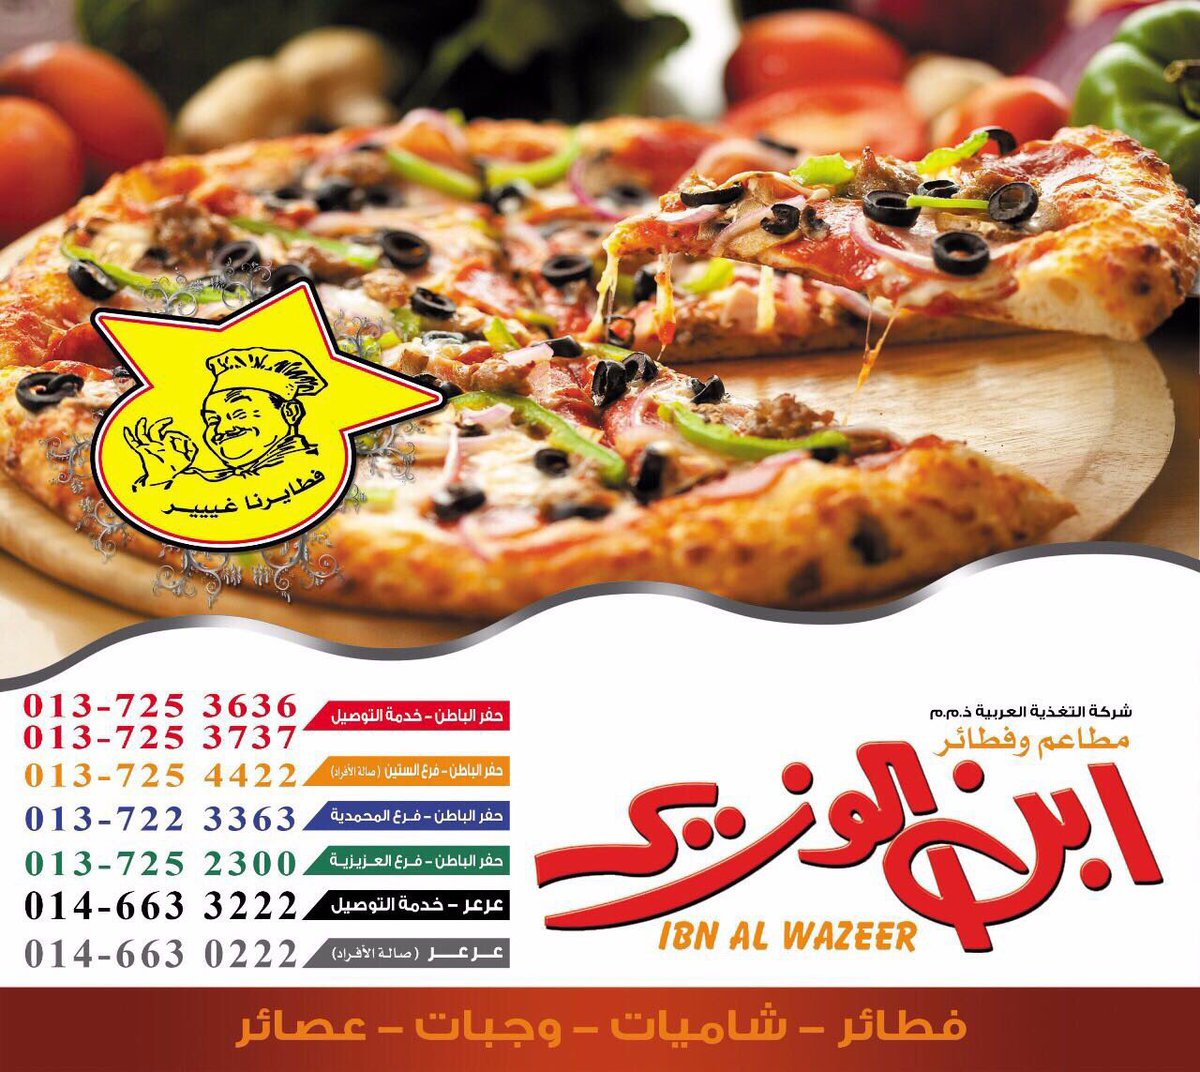 أسعار منيو وفروع ورقم مطعم ابن الوزير 2021